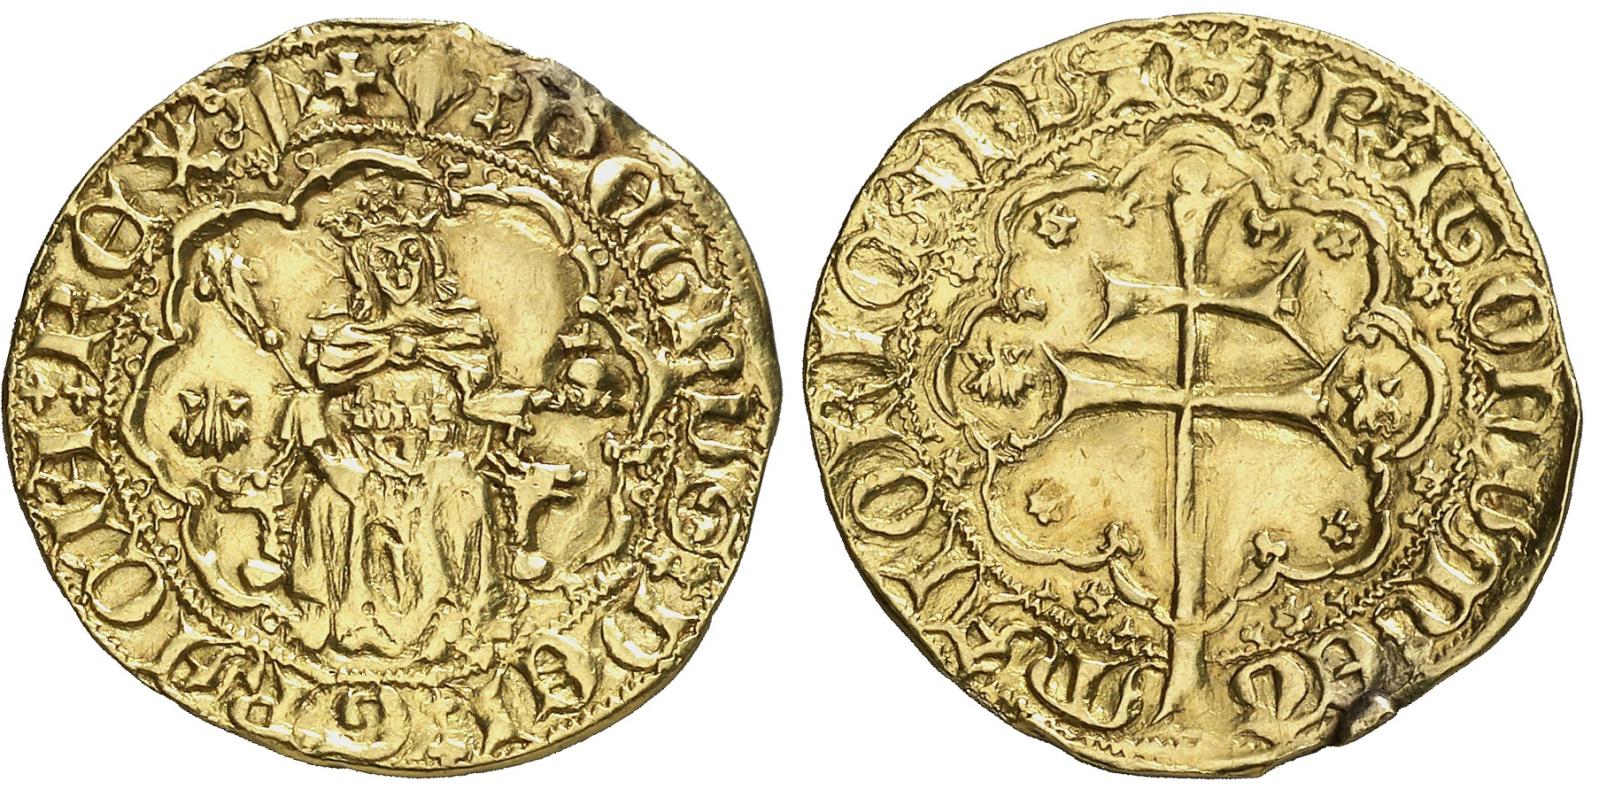 """Rals d'or de Pere I de Mallorca (variantes del tipo """"venera"""") 2ze02sm"""